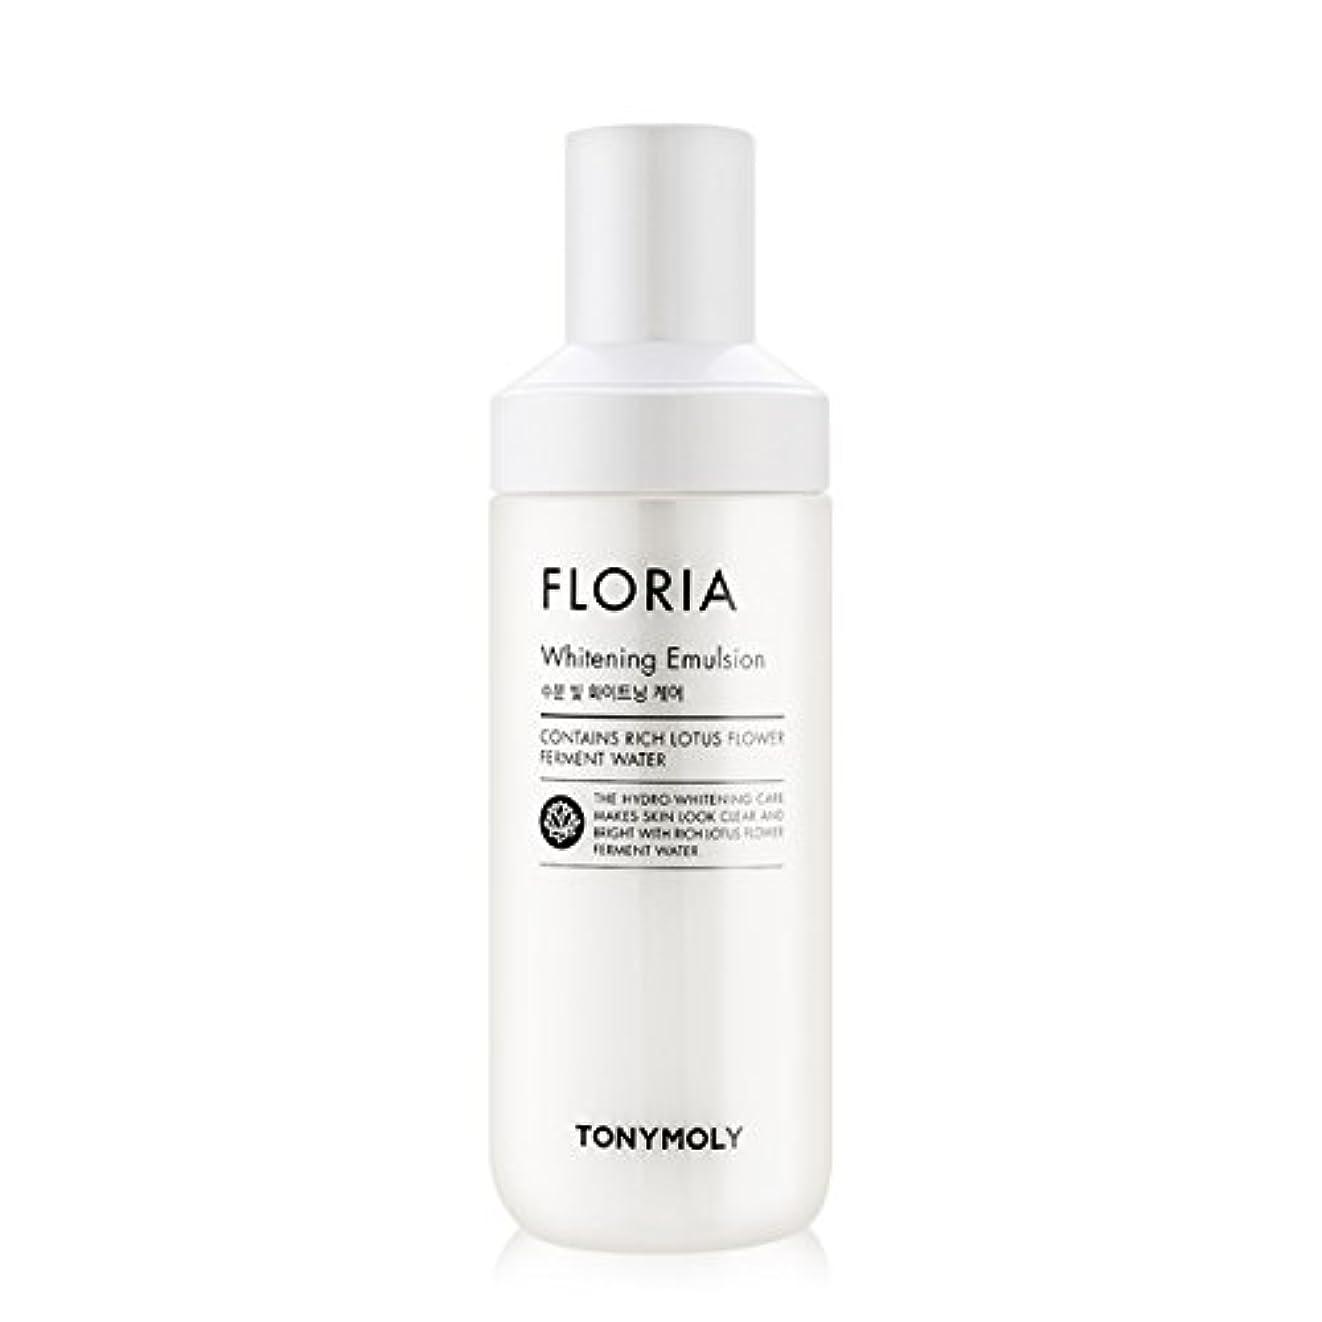 地下室ギャロップ免疫する[2016 New] TONYMOLY Floria Whitening Emulsion 160ml/トニーモリー フロリア ホワイトニング エマルジョン 160ml [並行輸入品]